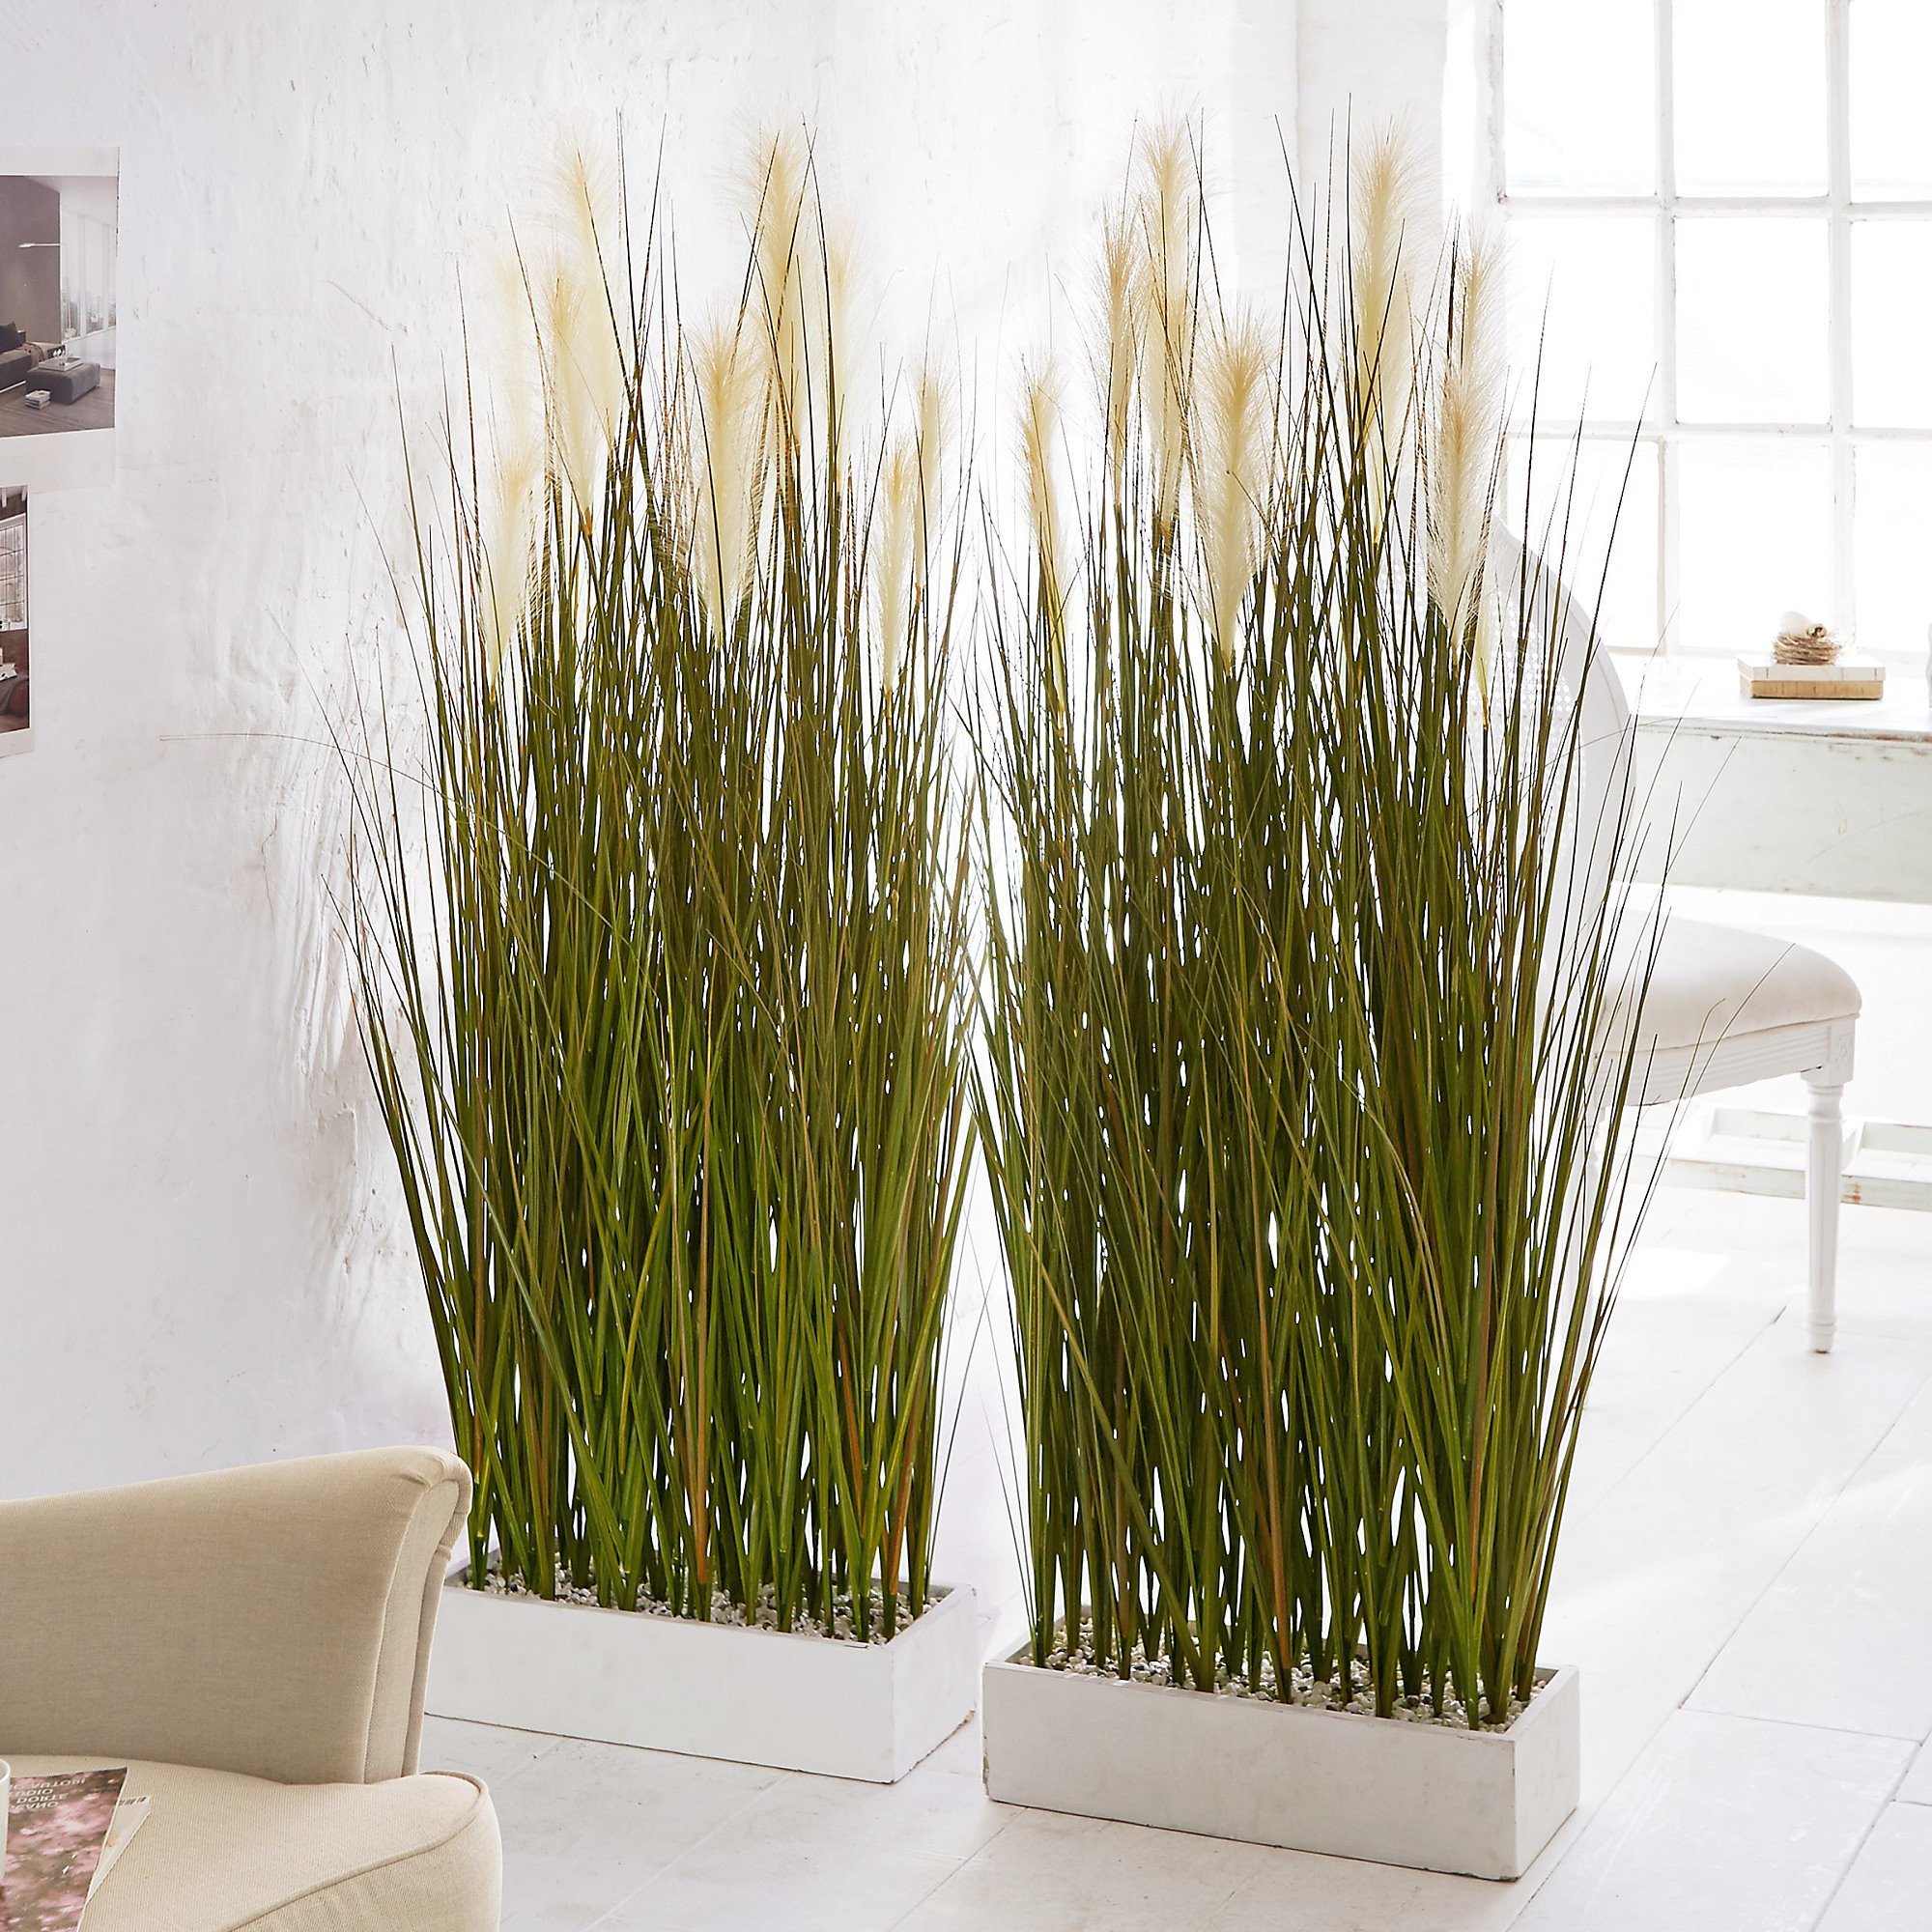 Kunstpflanze Raumtrenner Gras Jetzt Bei Weltbildde Bestellen